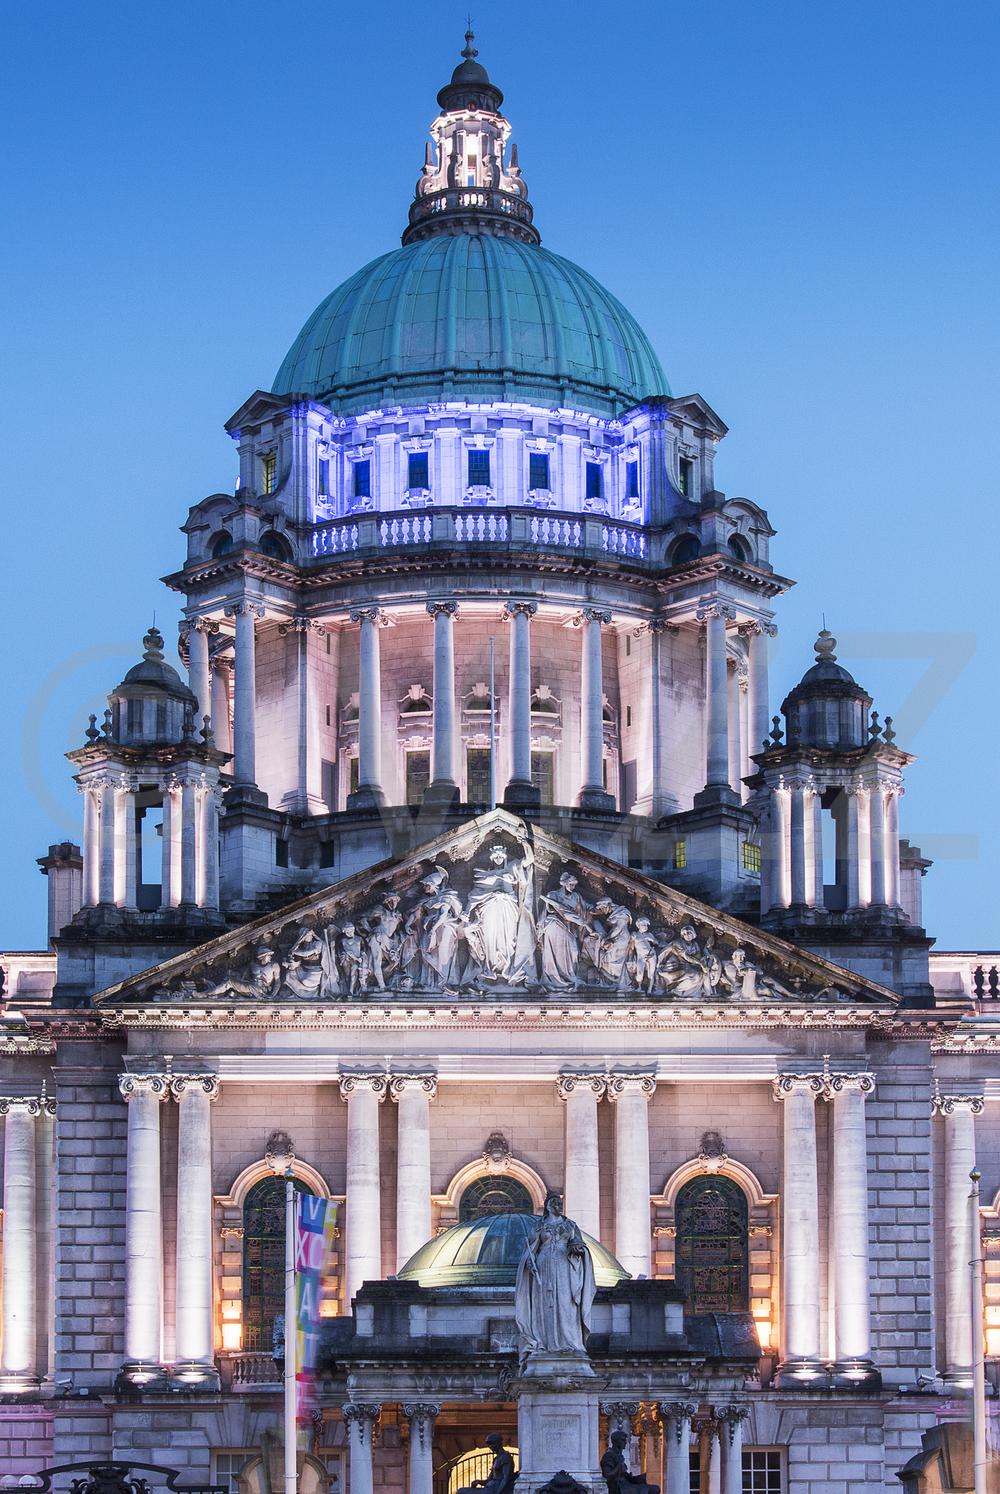 Belfast City Hall Dome 3